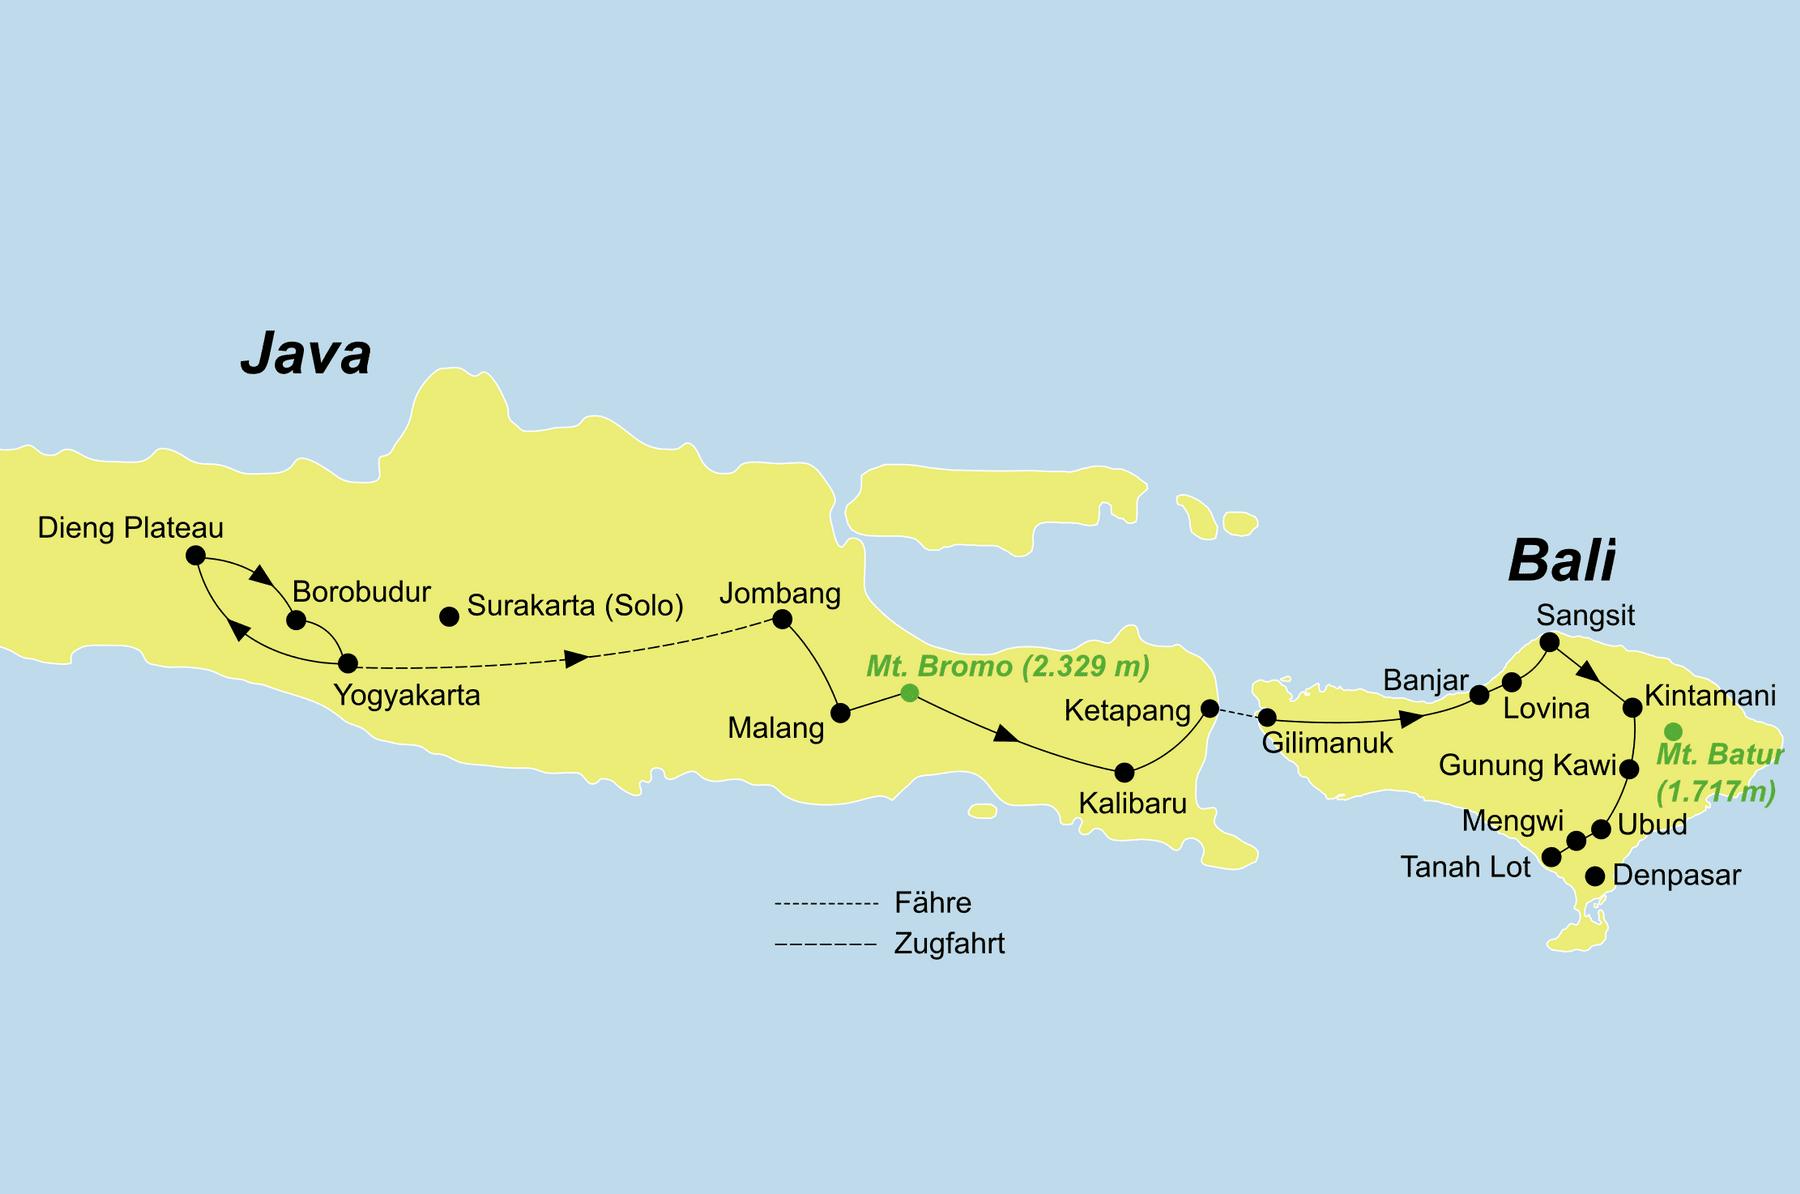 Путь от Бали до Явы